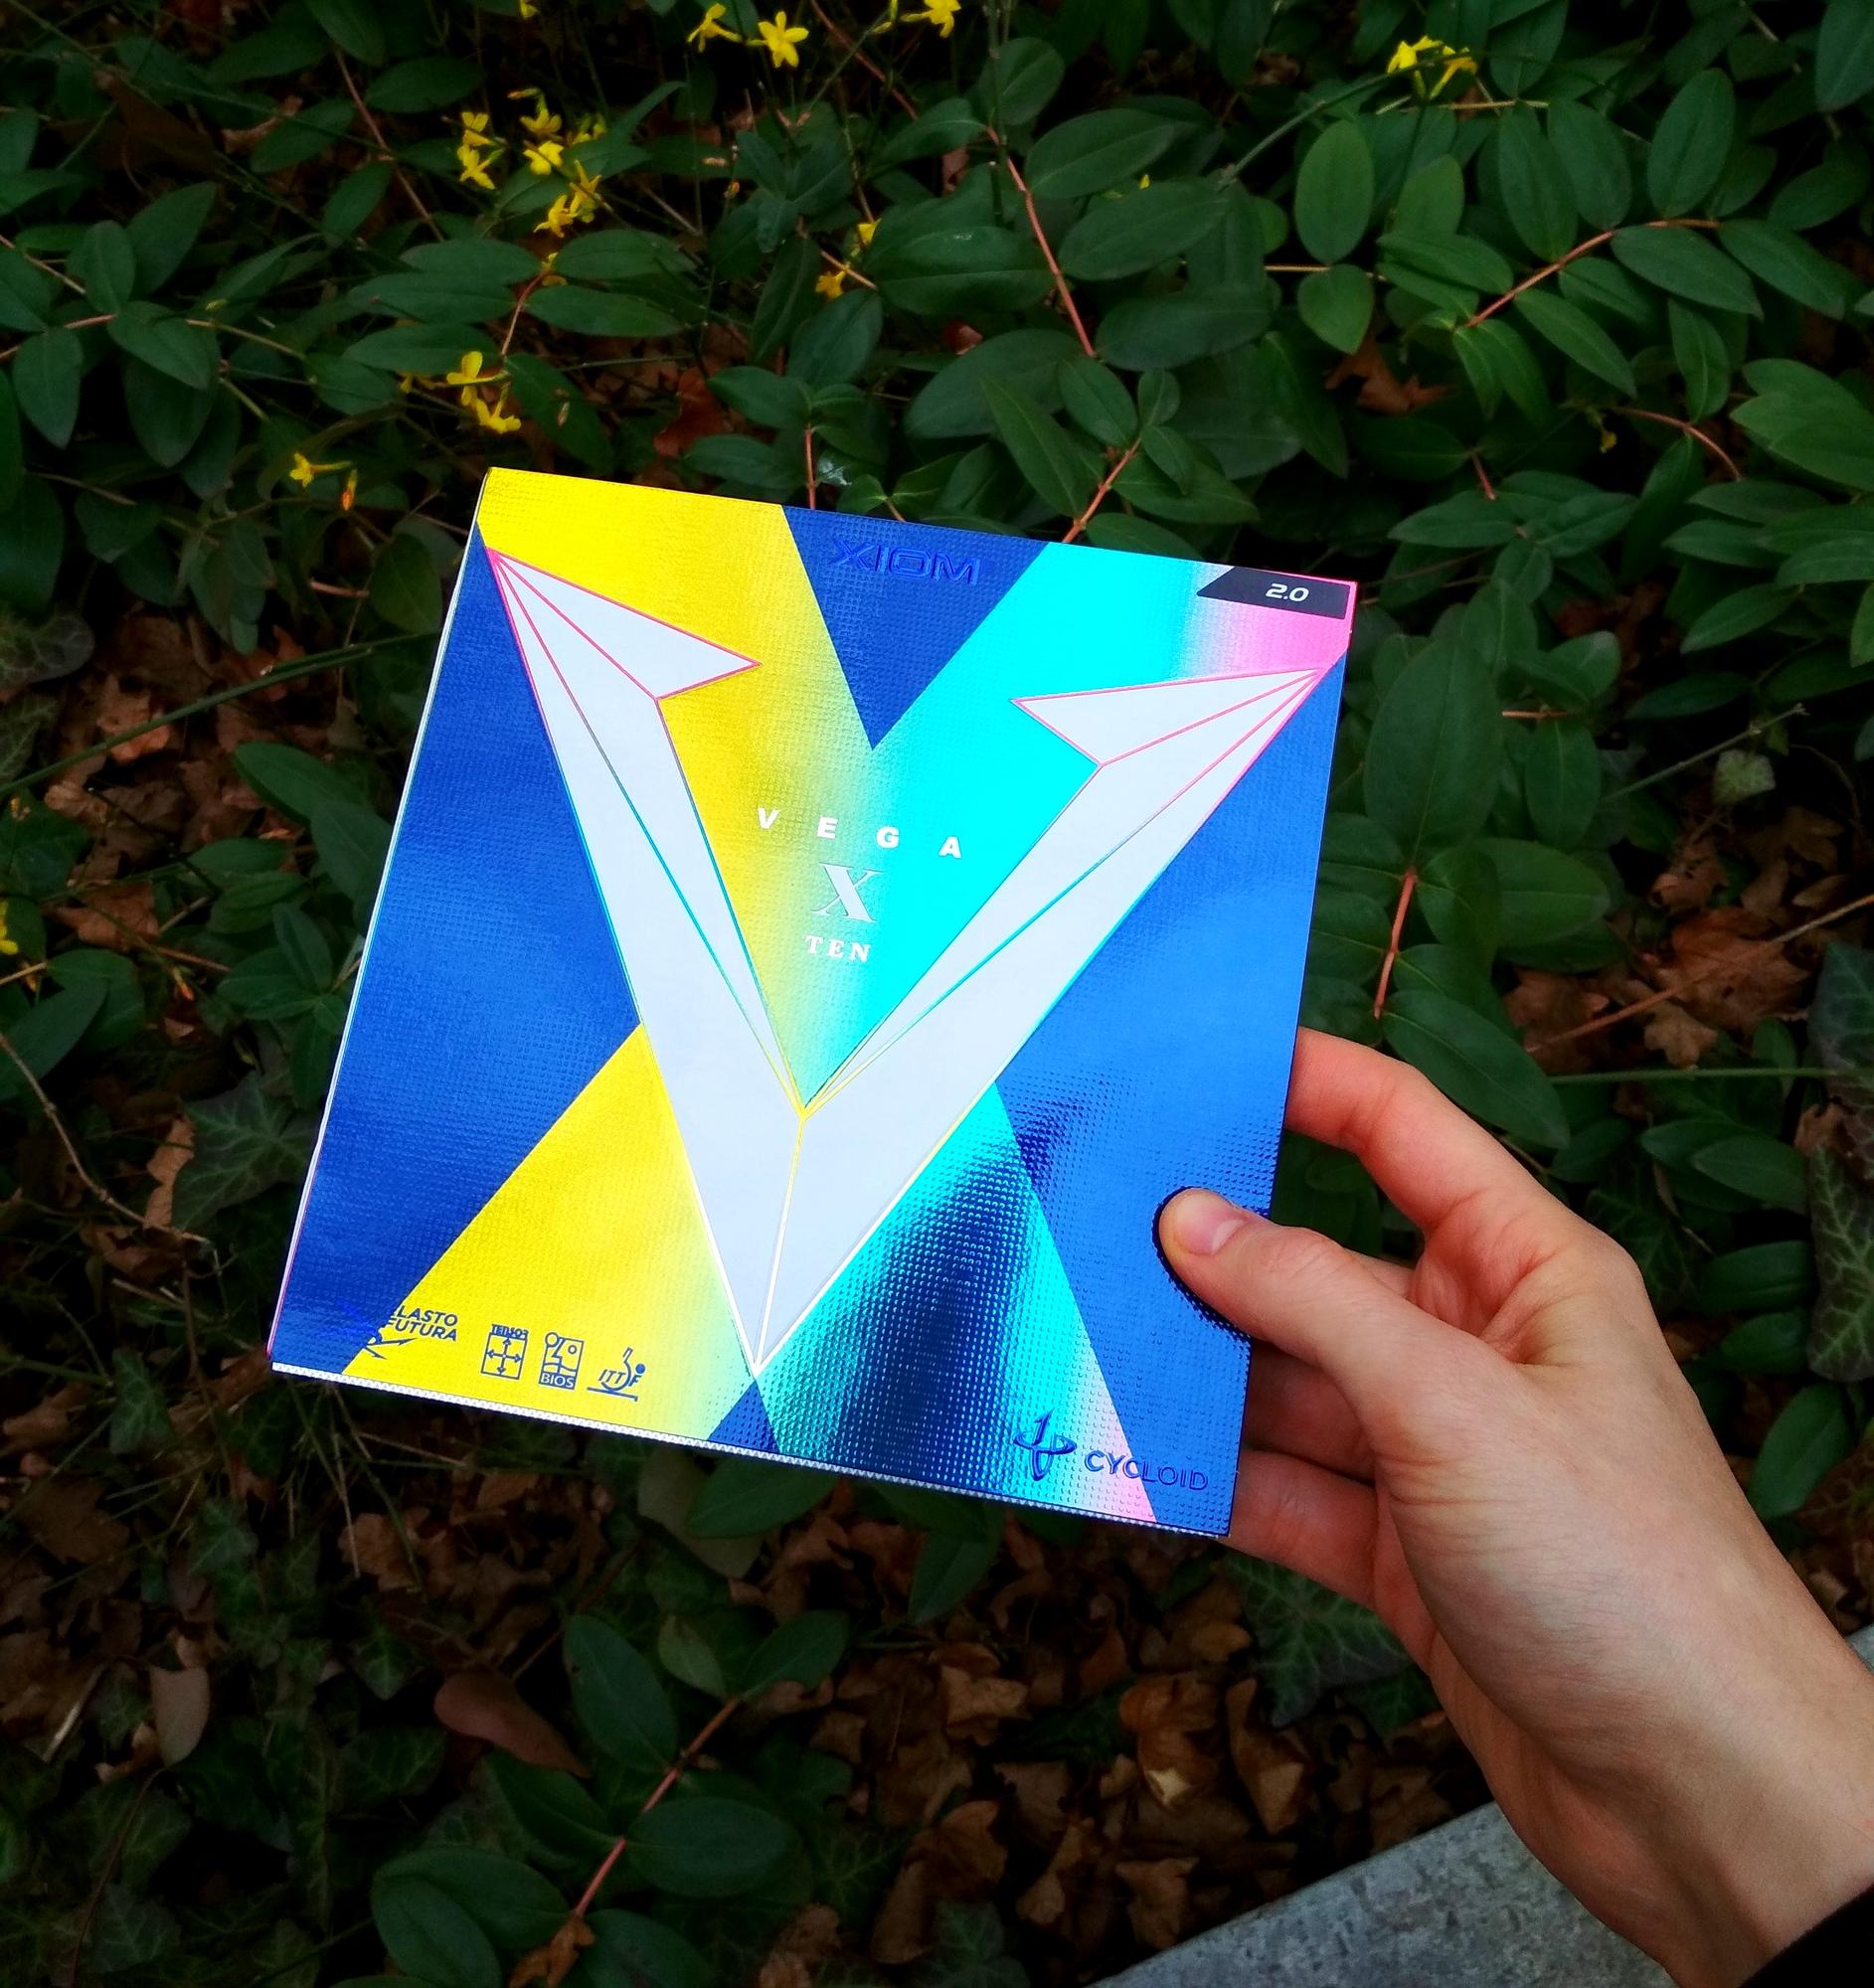 Recenze na potah XIOM Vega X od Ondřeje Horáka!